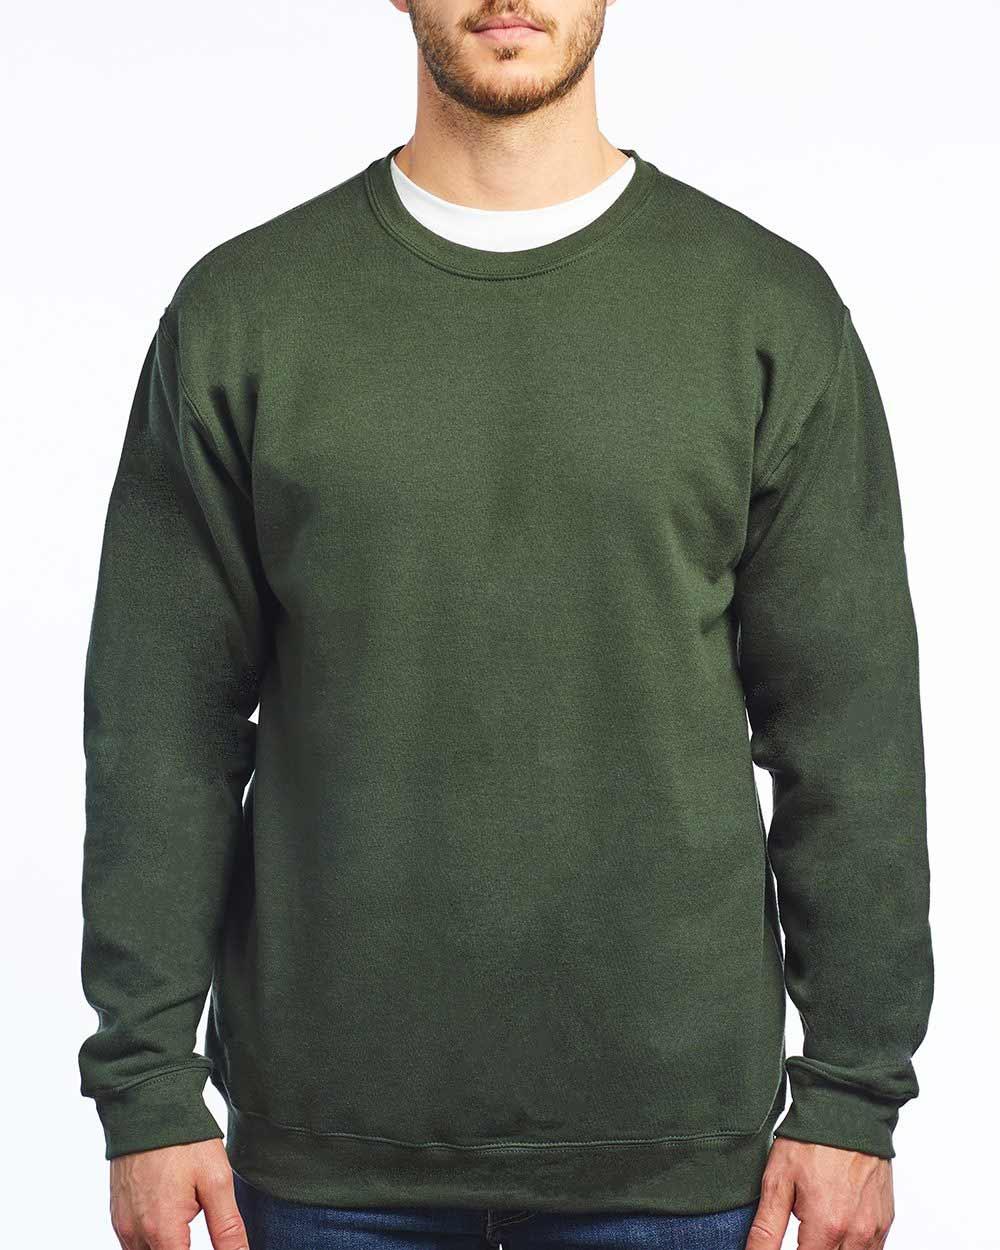 M&O Knits 3340 - Unisex Crewneck Sweatshirt